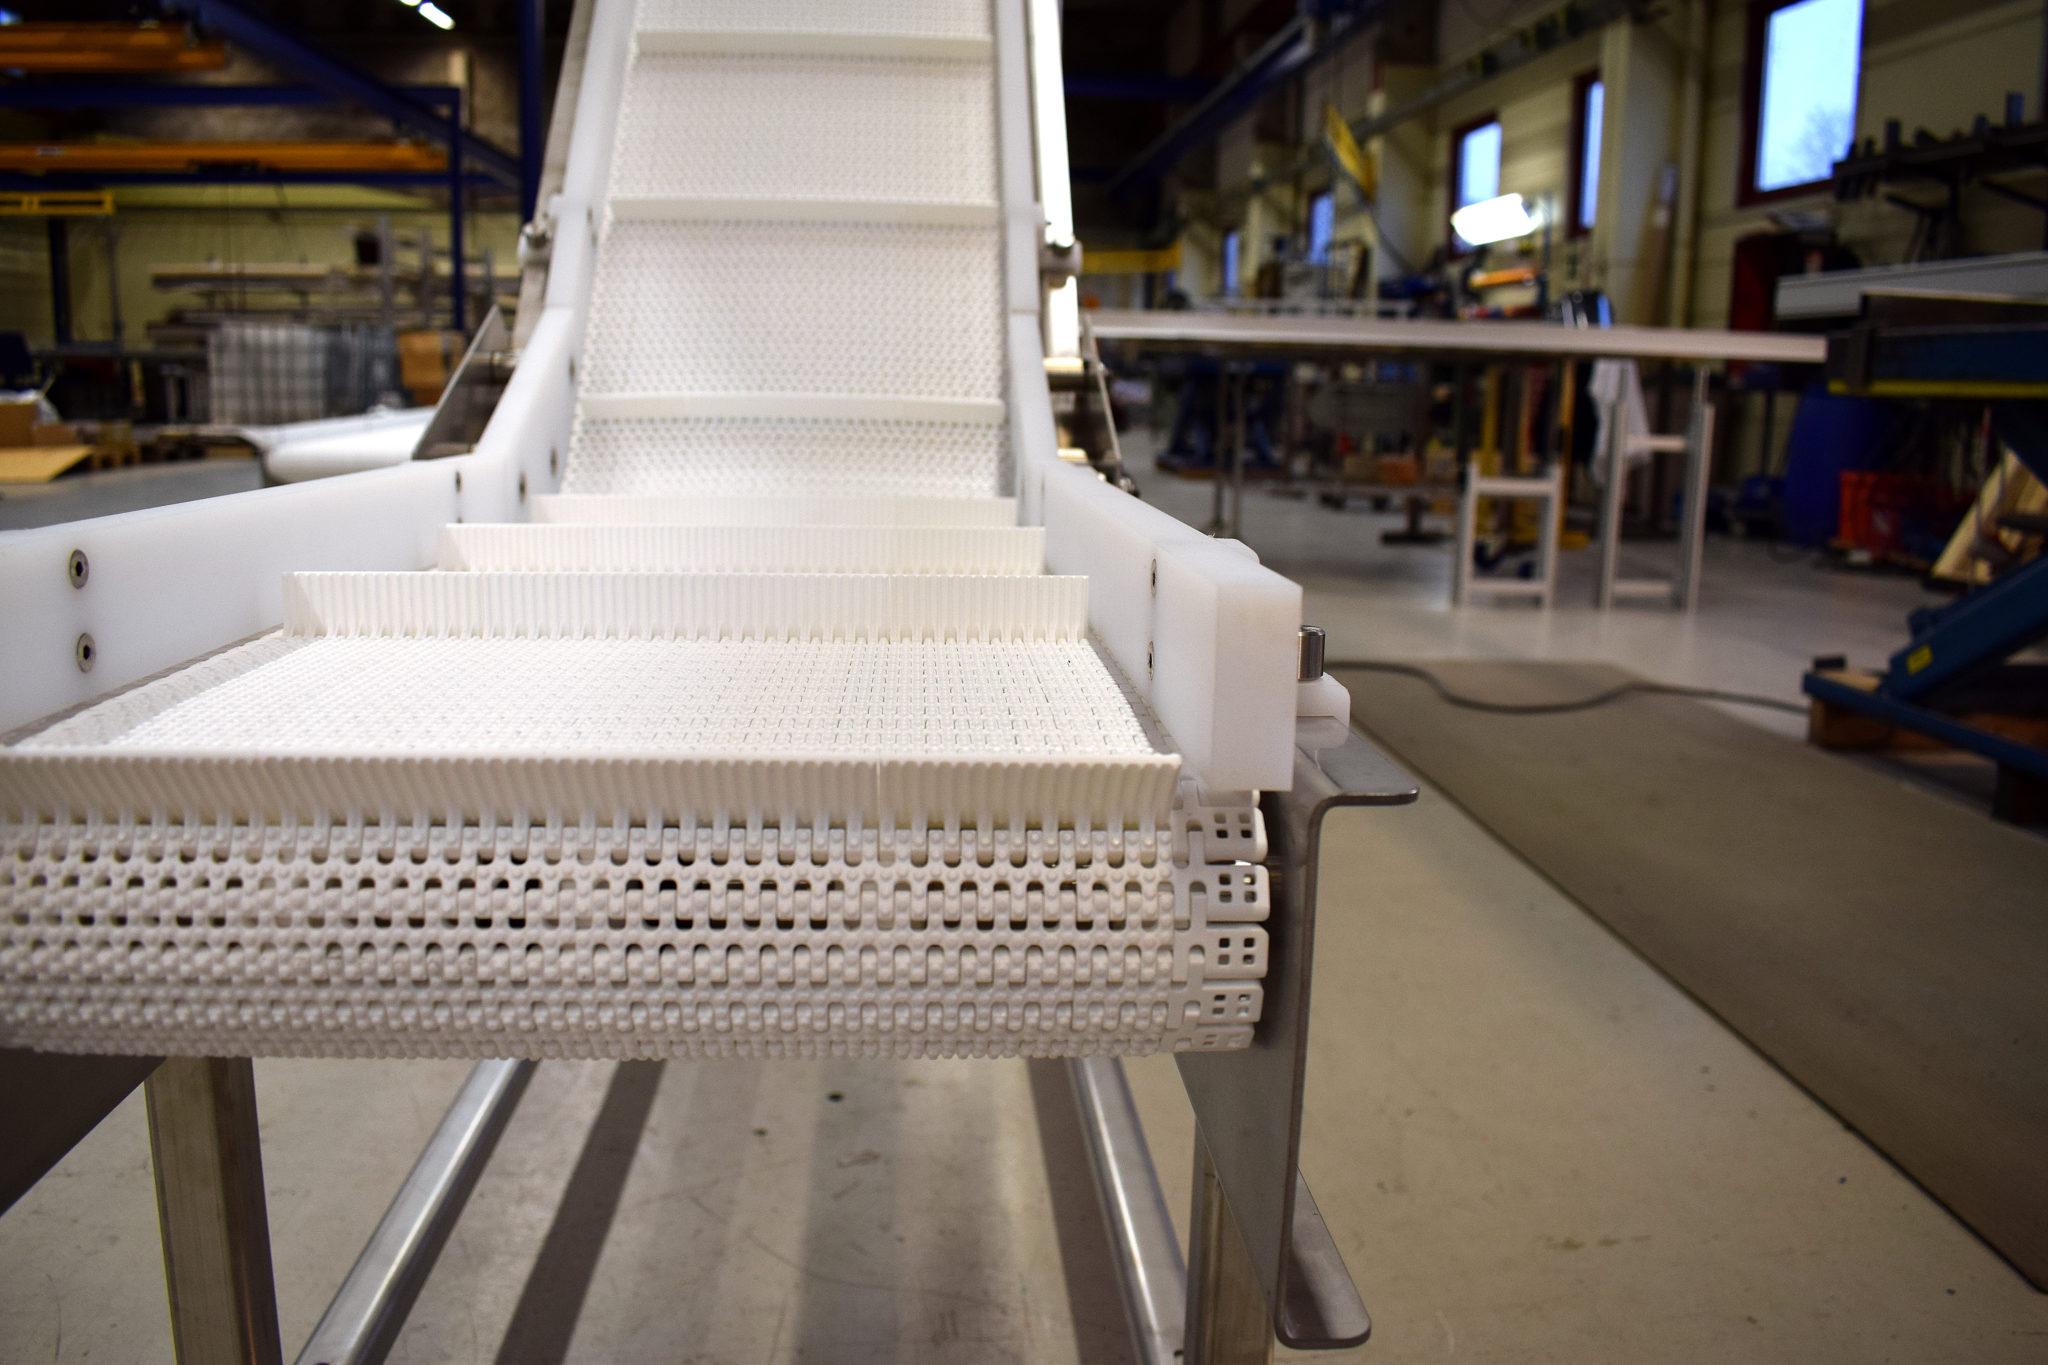 Rostfri bandtransportör med löstagbara sidokanter- Bofab Conveyor AB